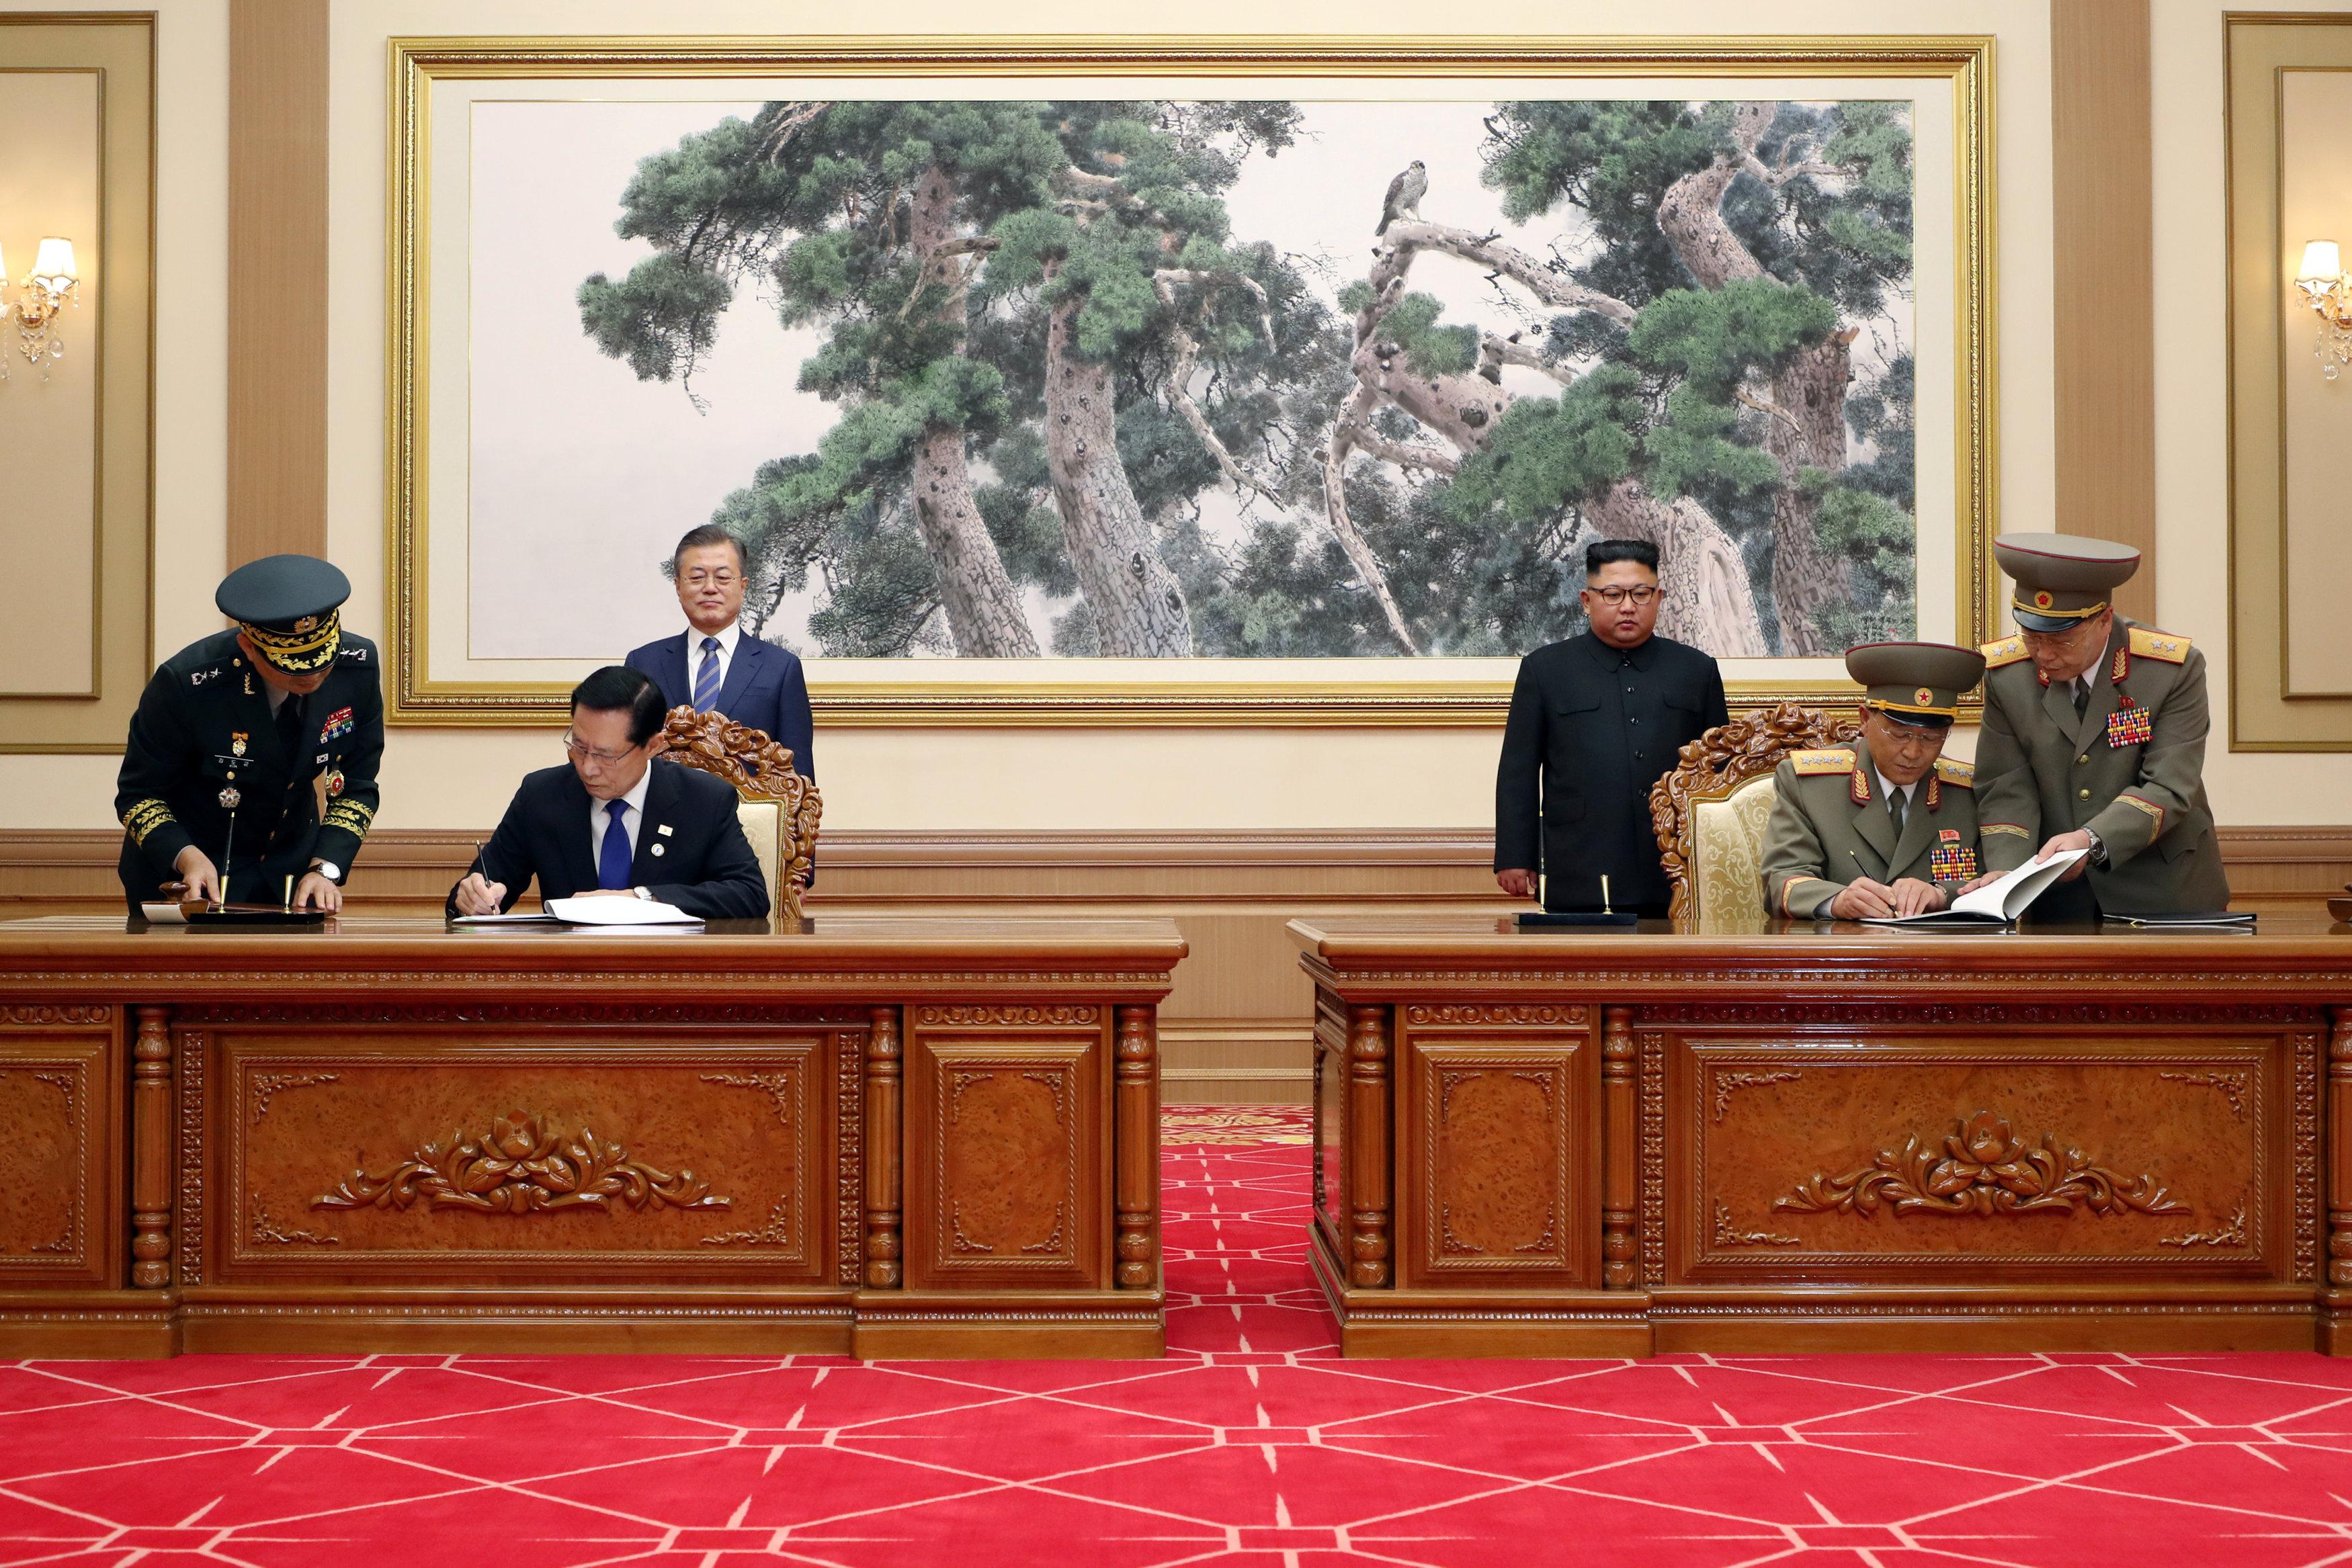 وزيرا دفاع الكوريتين يوقعان على اتفاقية